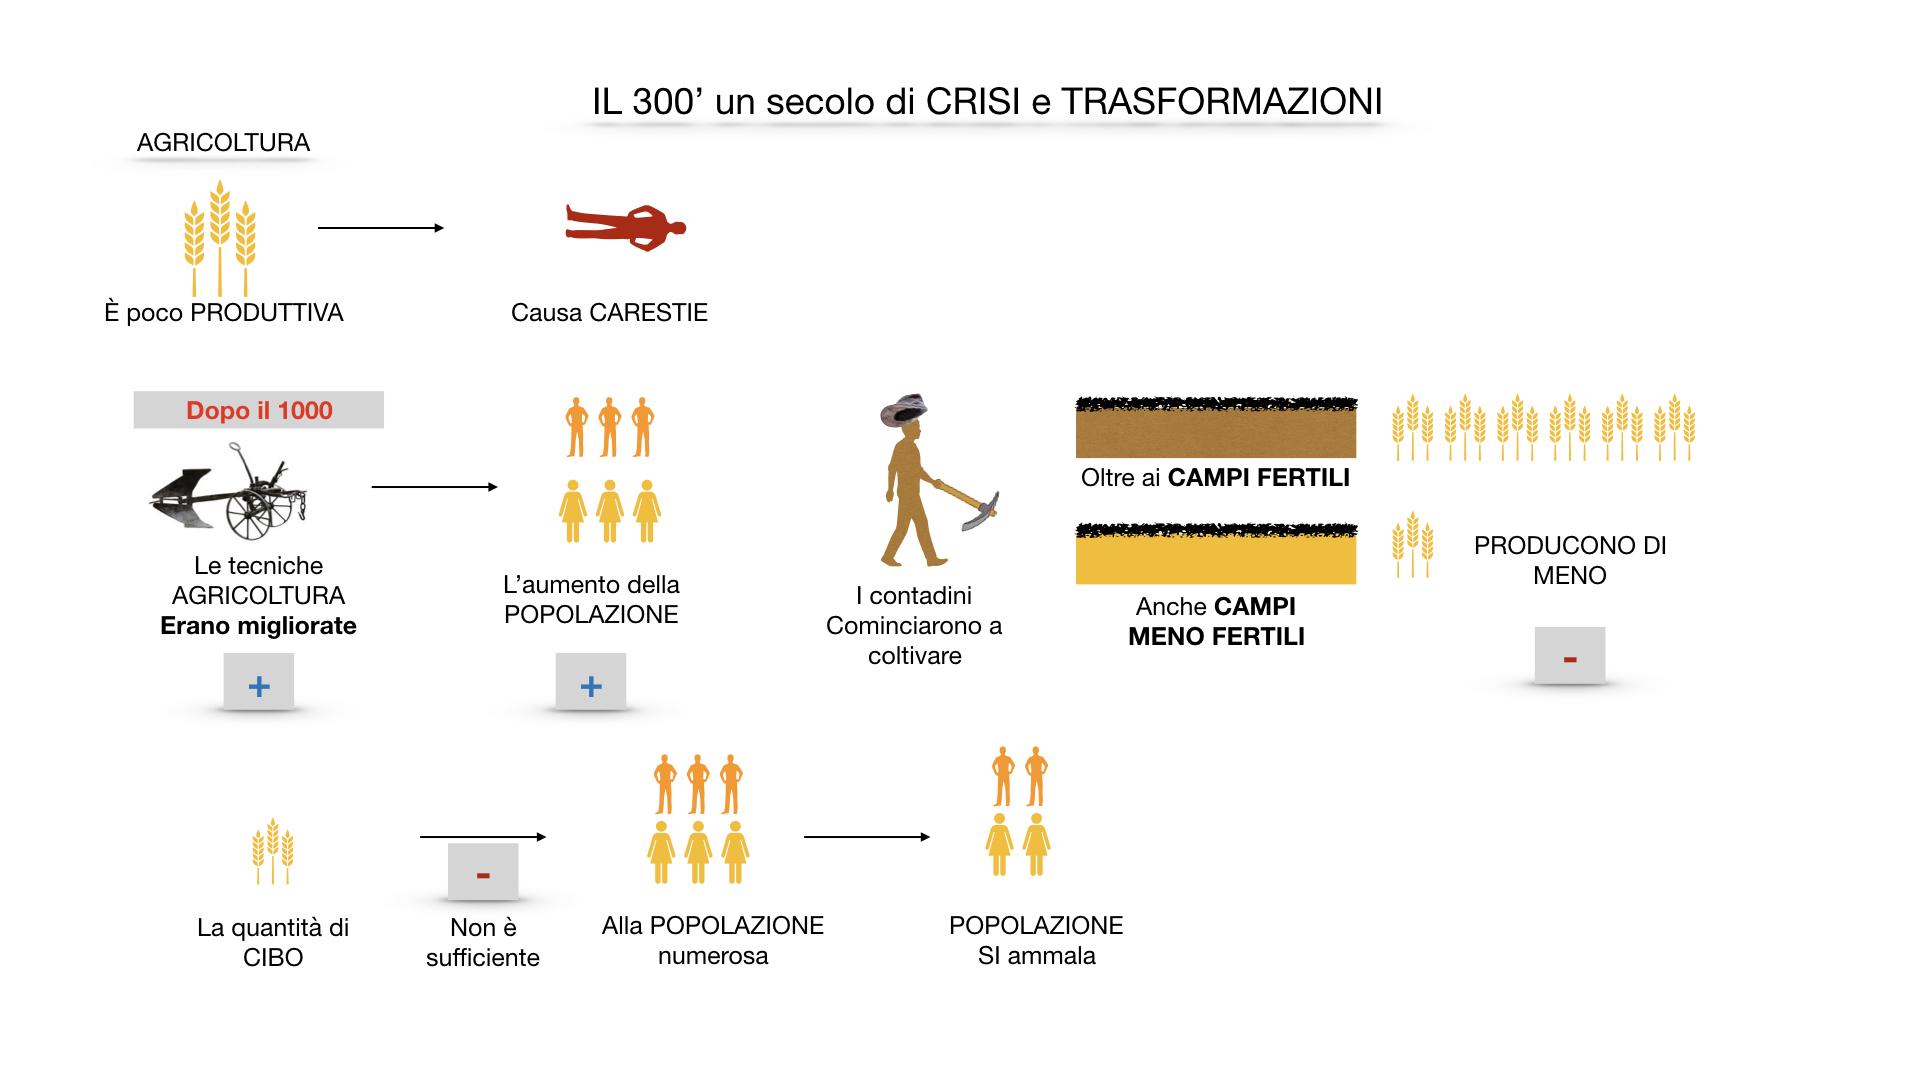 il 300 crisi e trasformazioni_ SIMULAZIONE.015